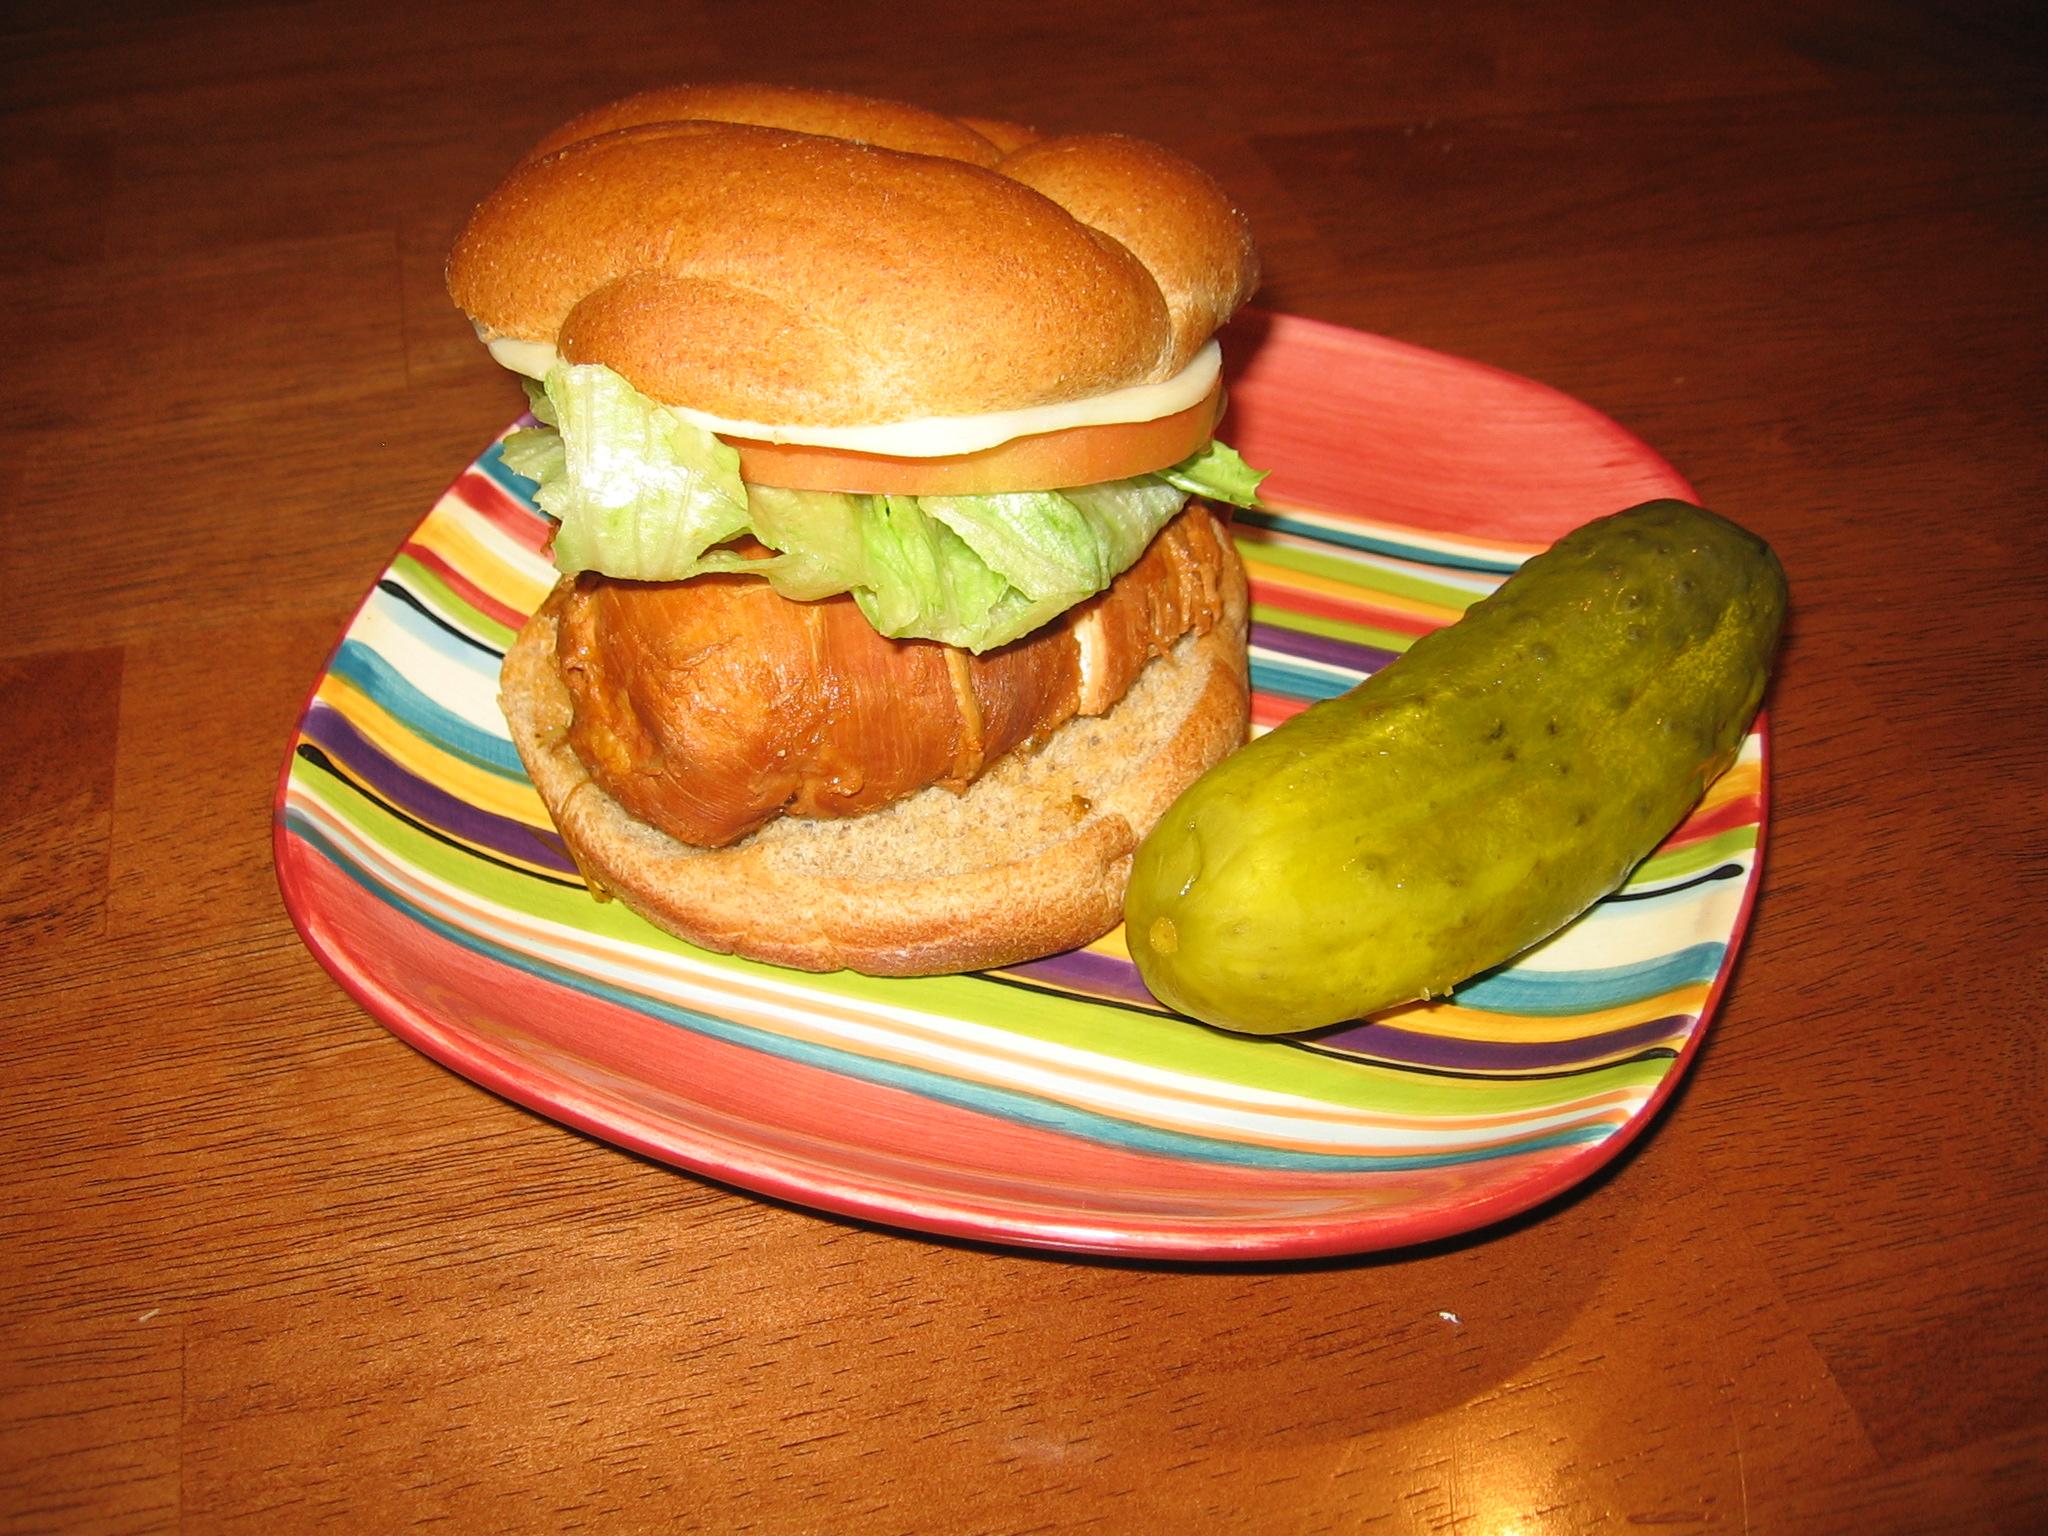 The Diablo Jalapeño Chicken Sandwich